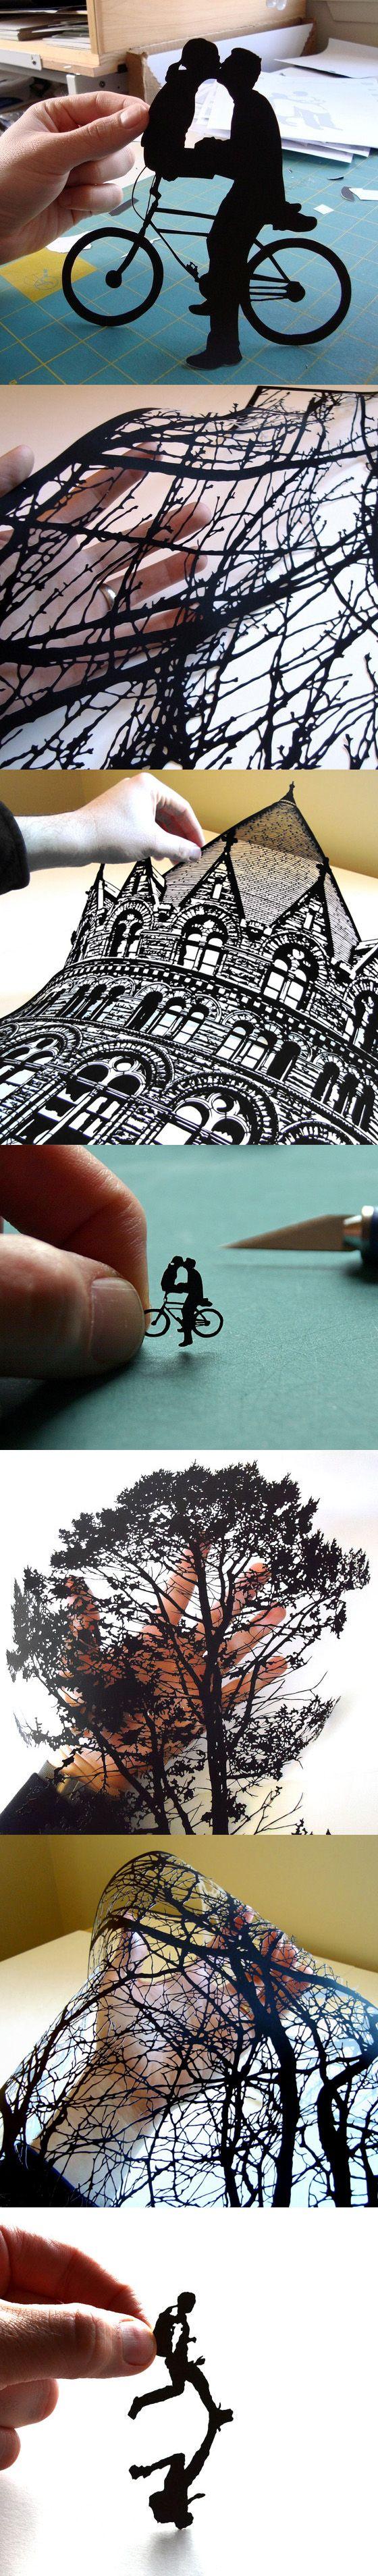 Flere på en cykel